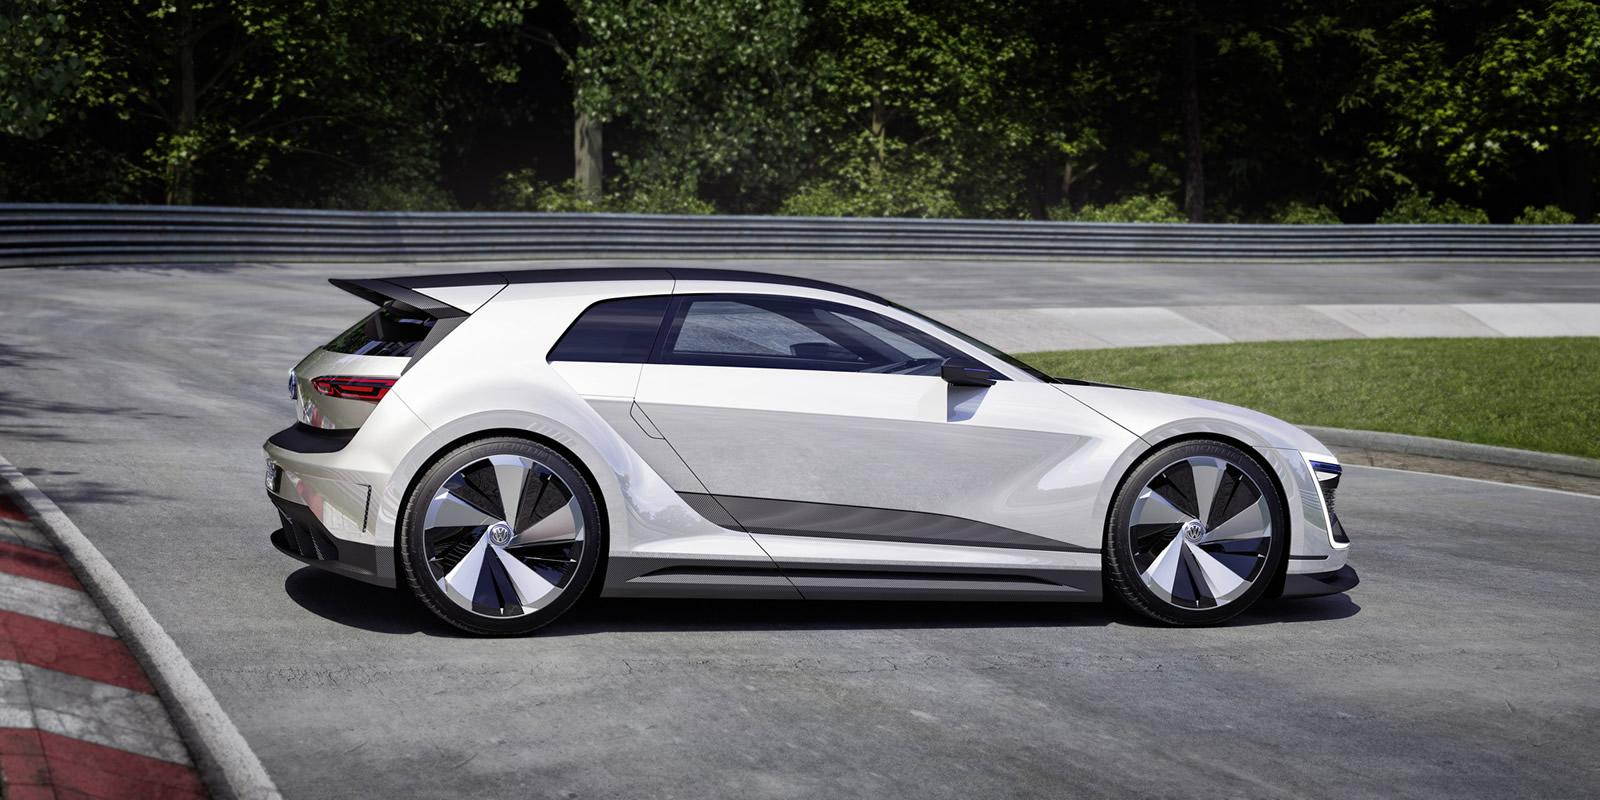 volkswagen golf gte sport concept 2015 8 les voitures. Black Bedroom Furniture Sets. Home Design Ideas